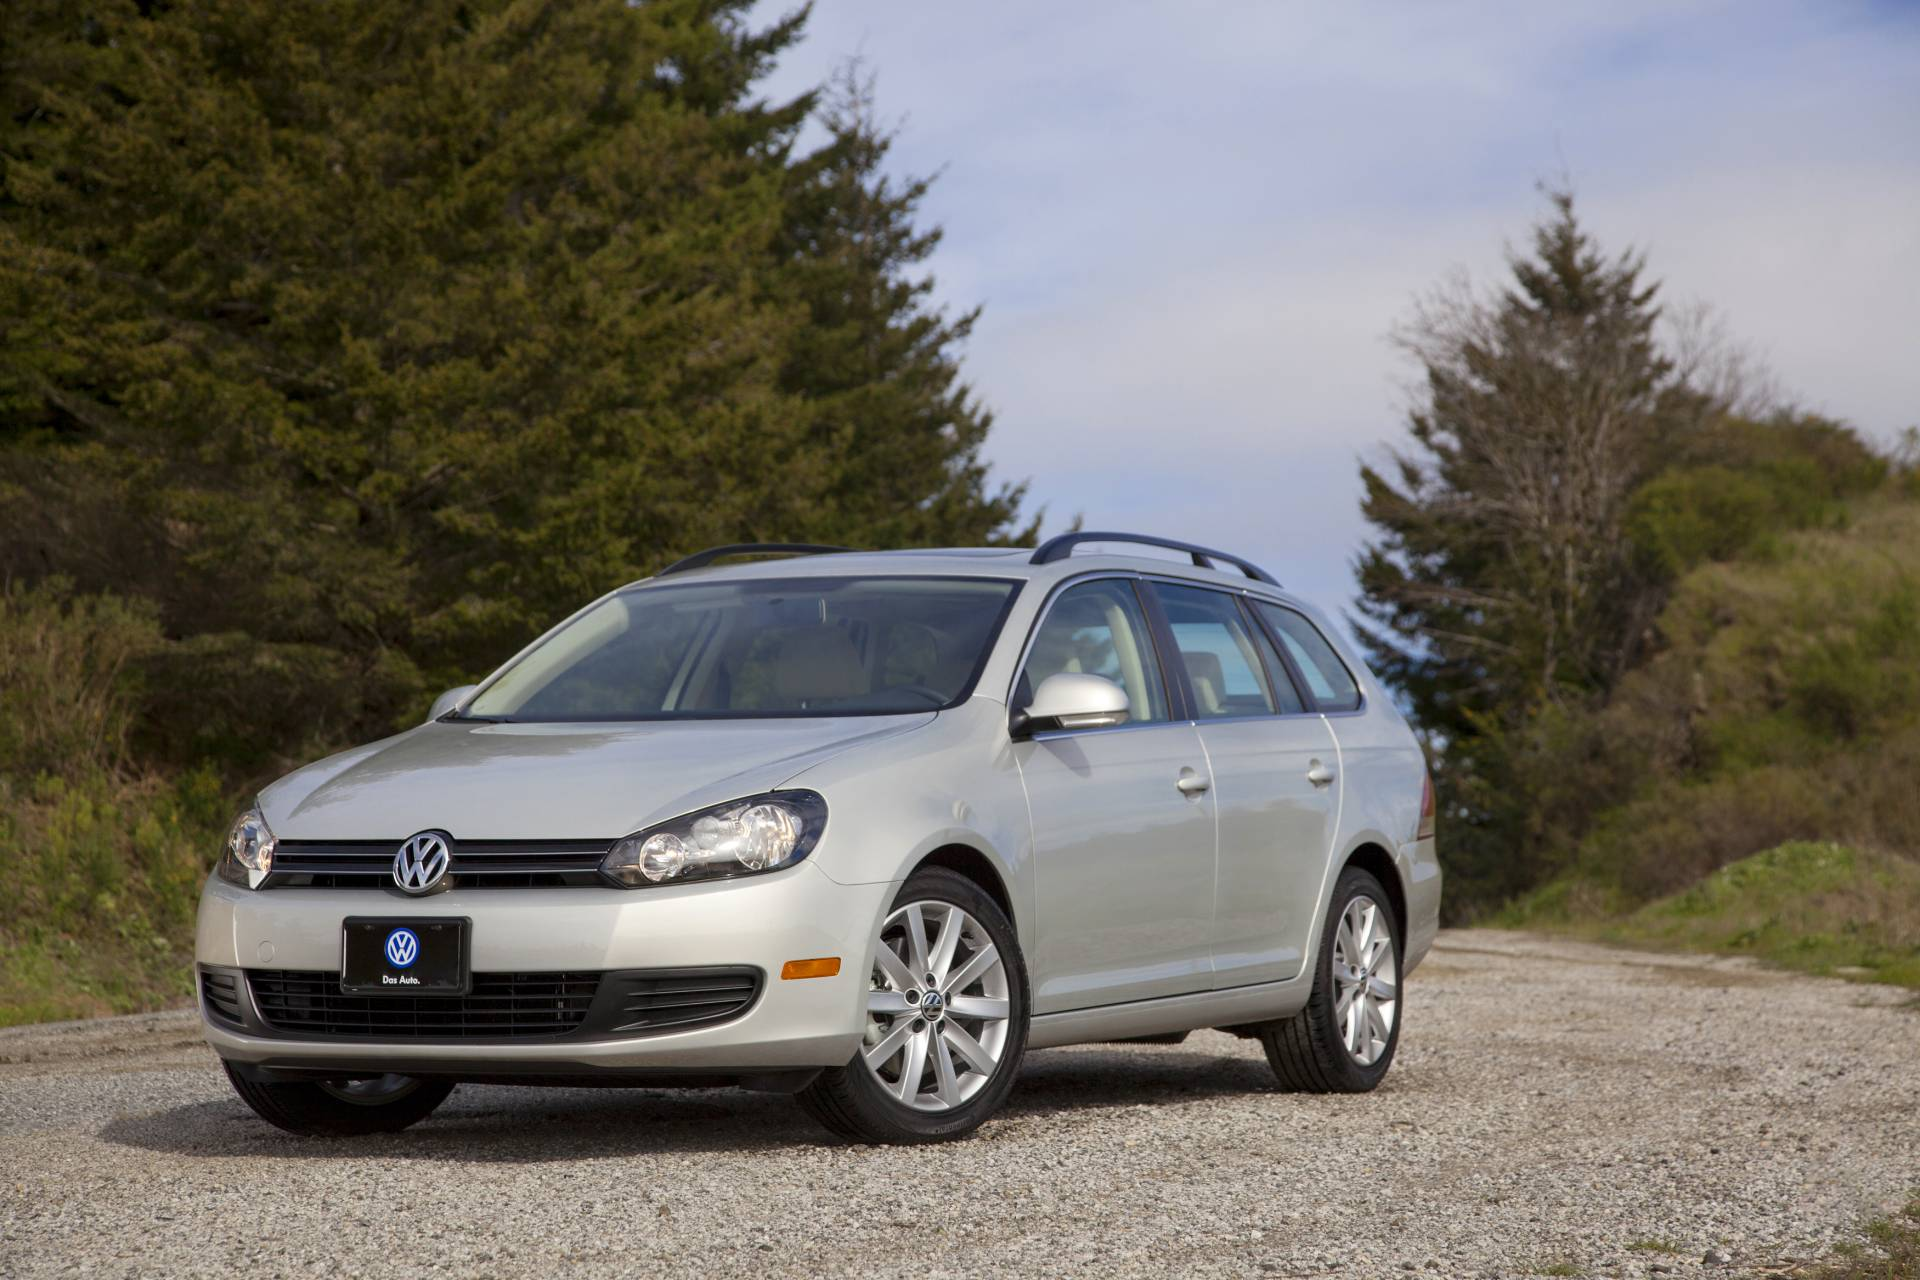 2013 Volkswagen Jetta Sportwagen News and Information